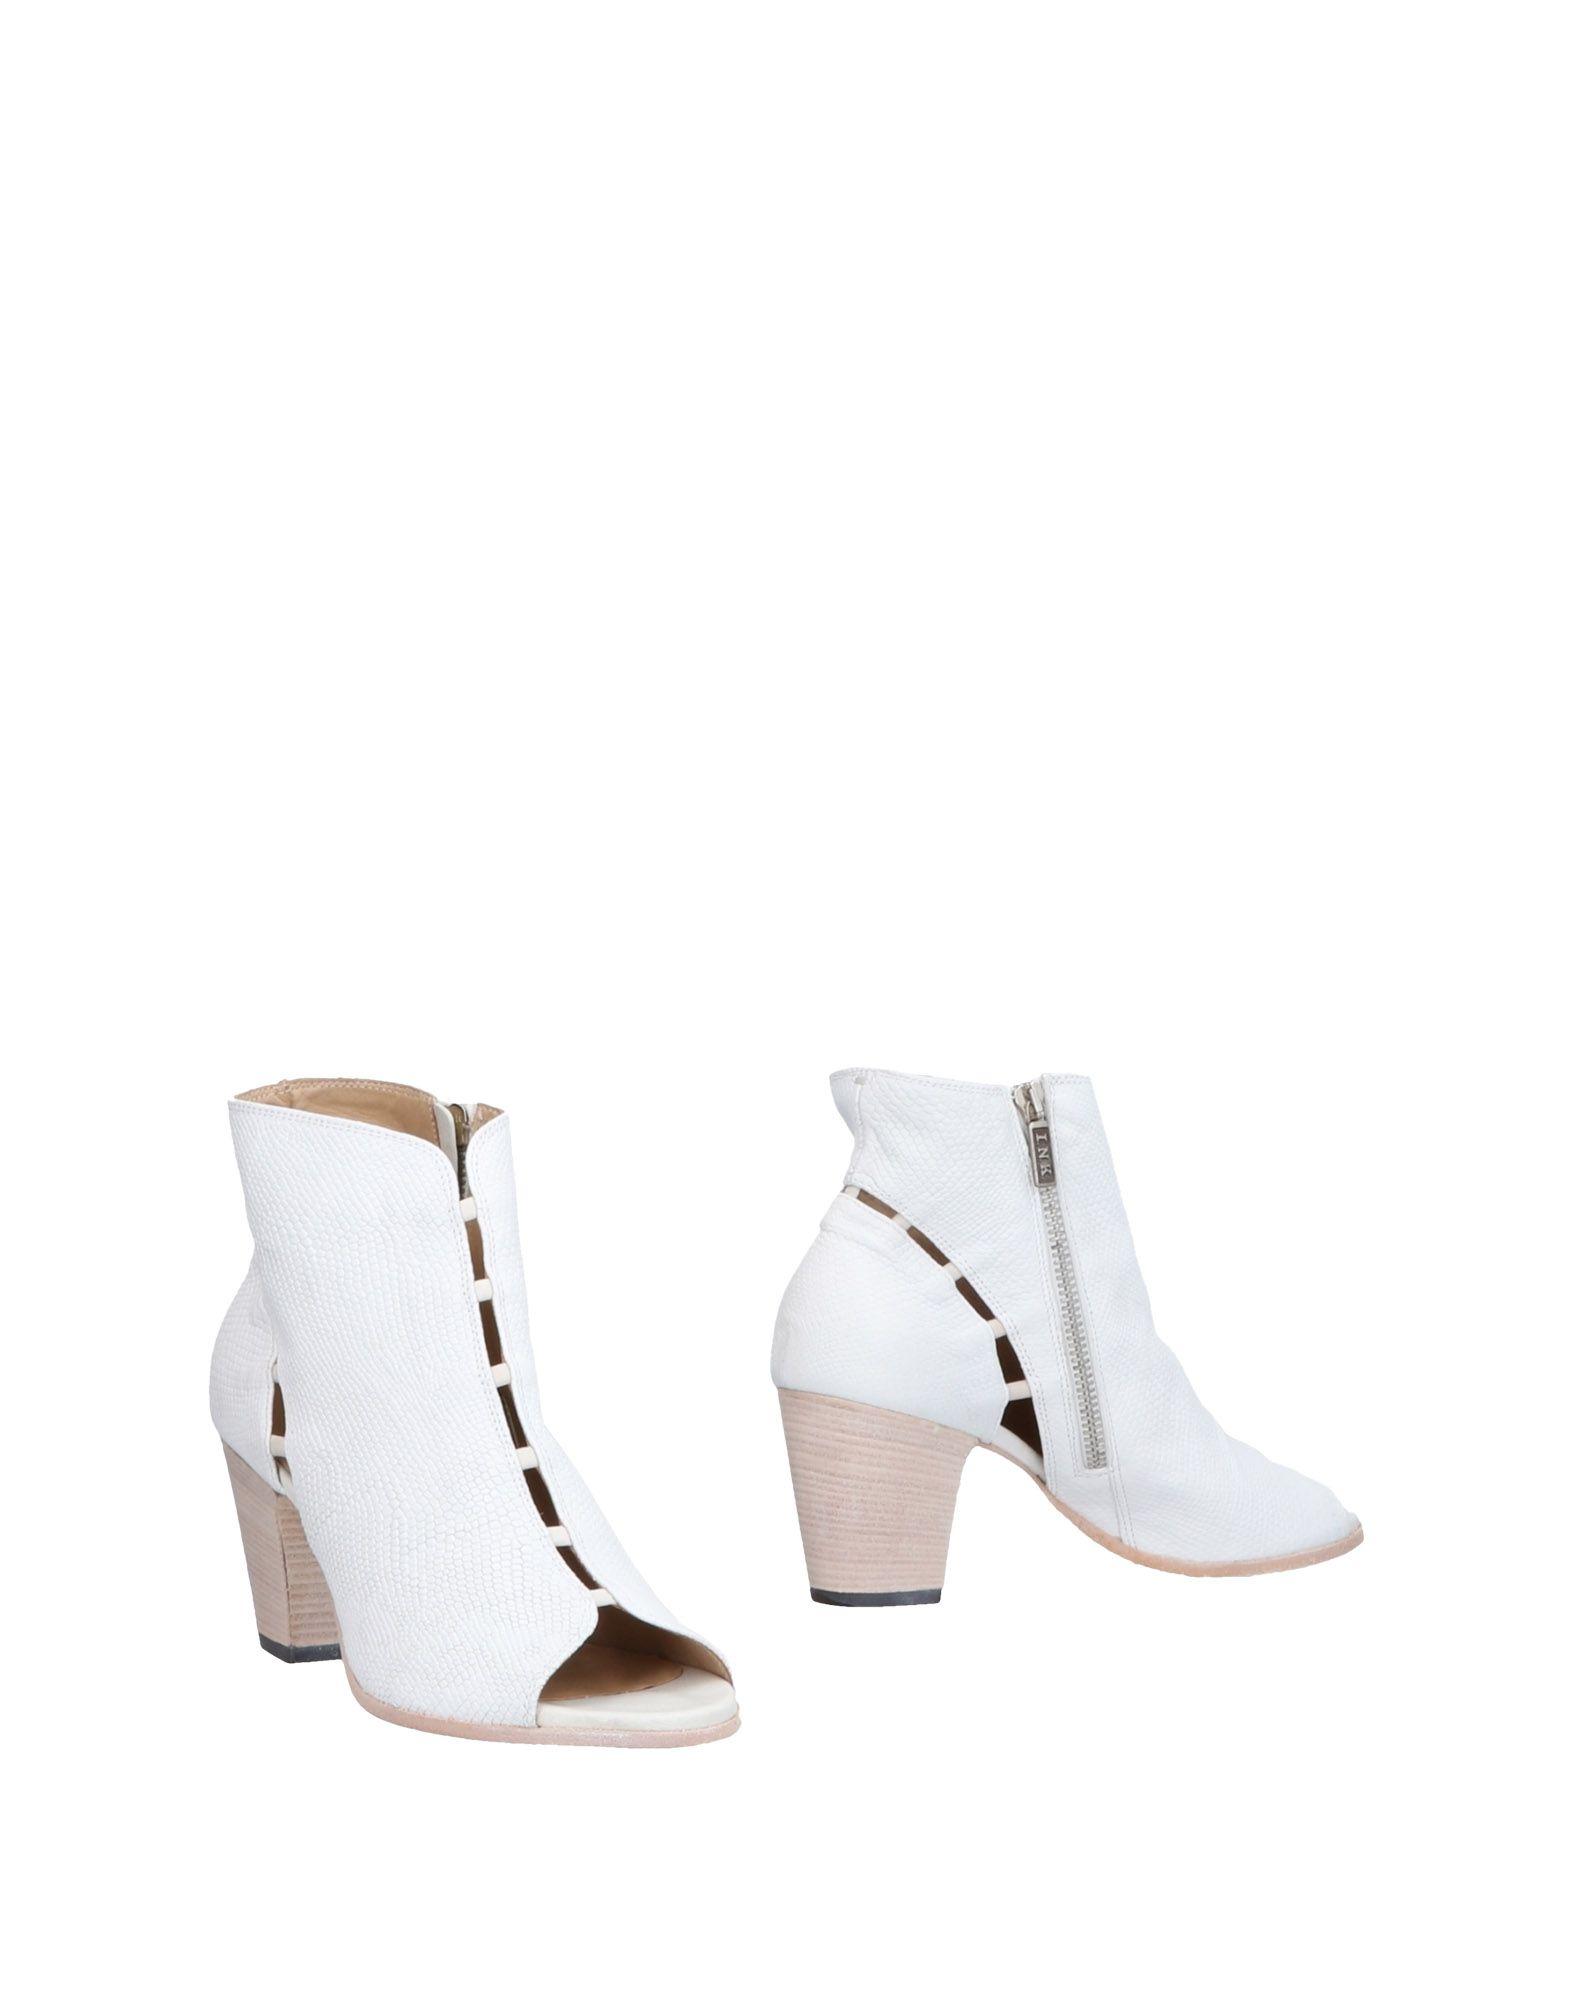 《送料無料》I.N.K. Shoes レディース ショートブーツ ホワイト 36 革